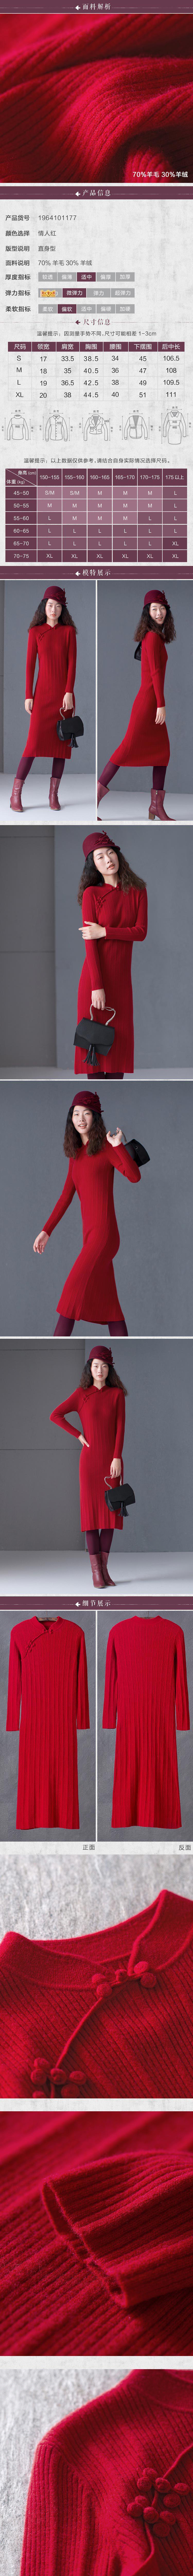 情人红旗袍连衣裙毛衣